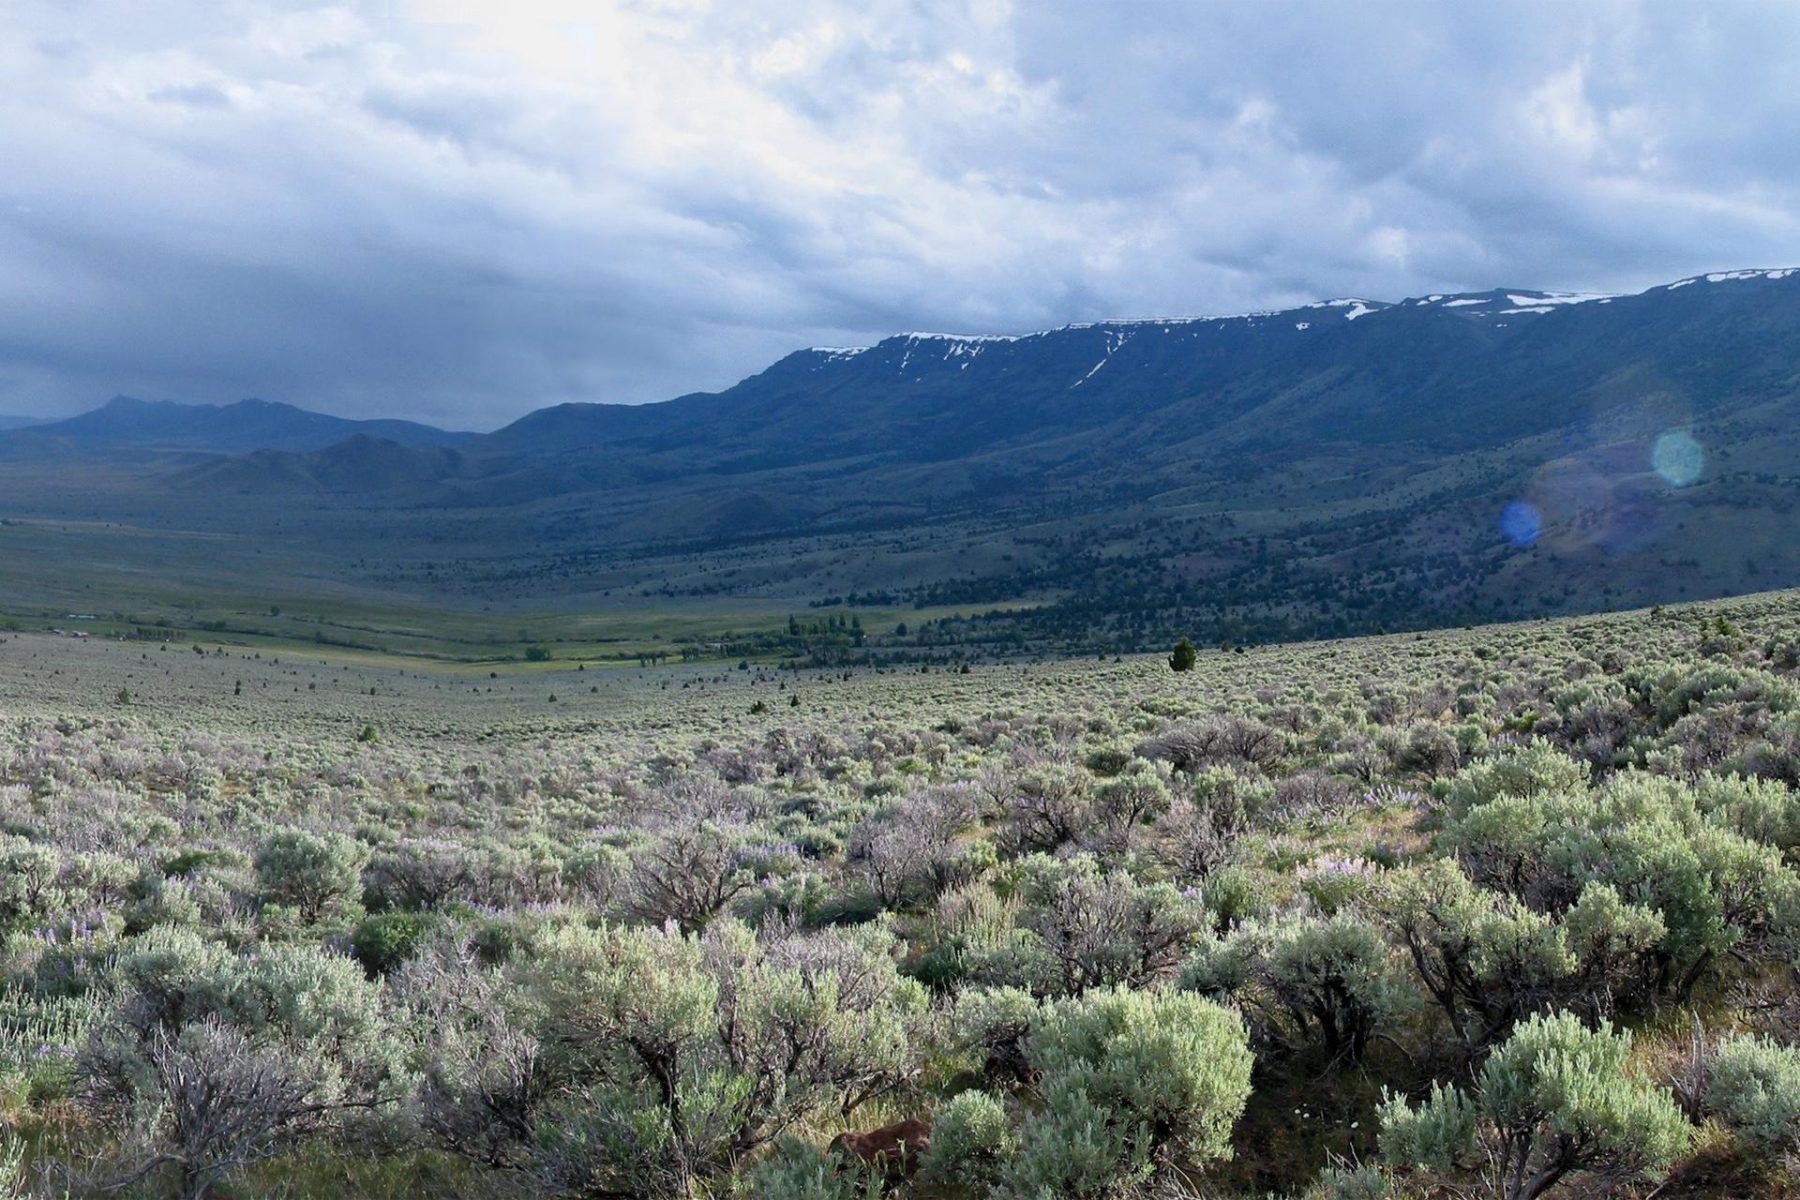 Wildhorse Ranch Site Inventory Analysis Design